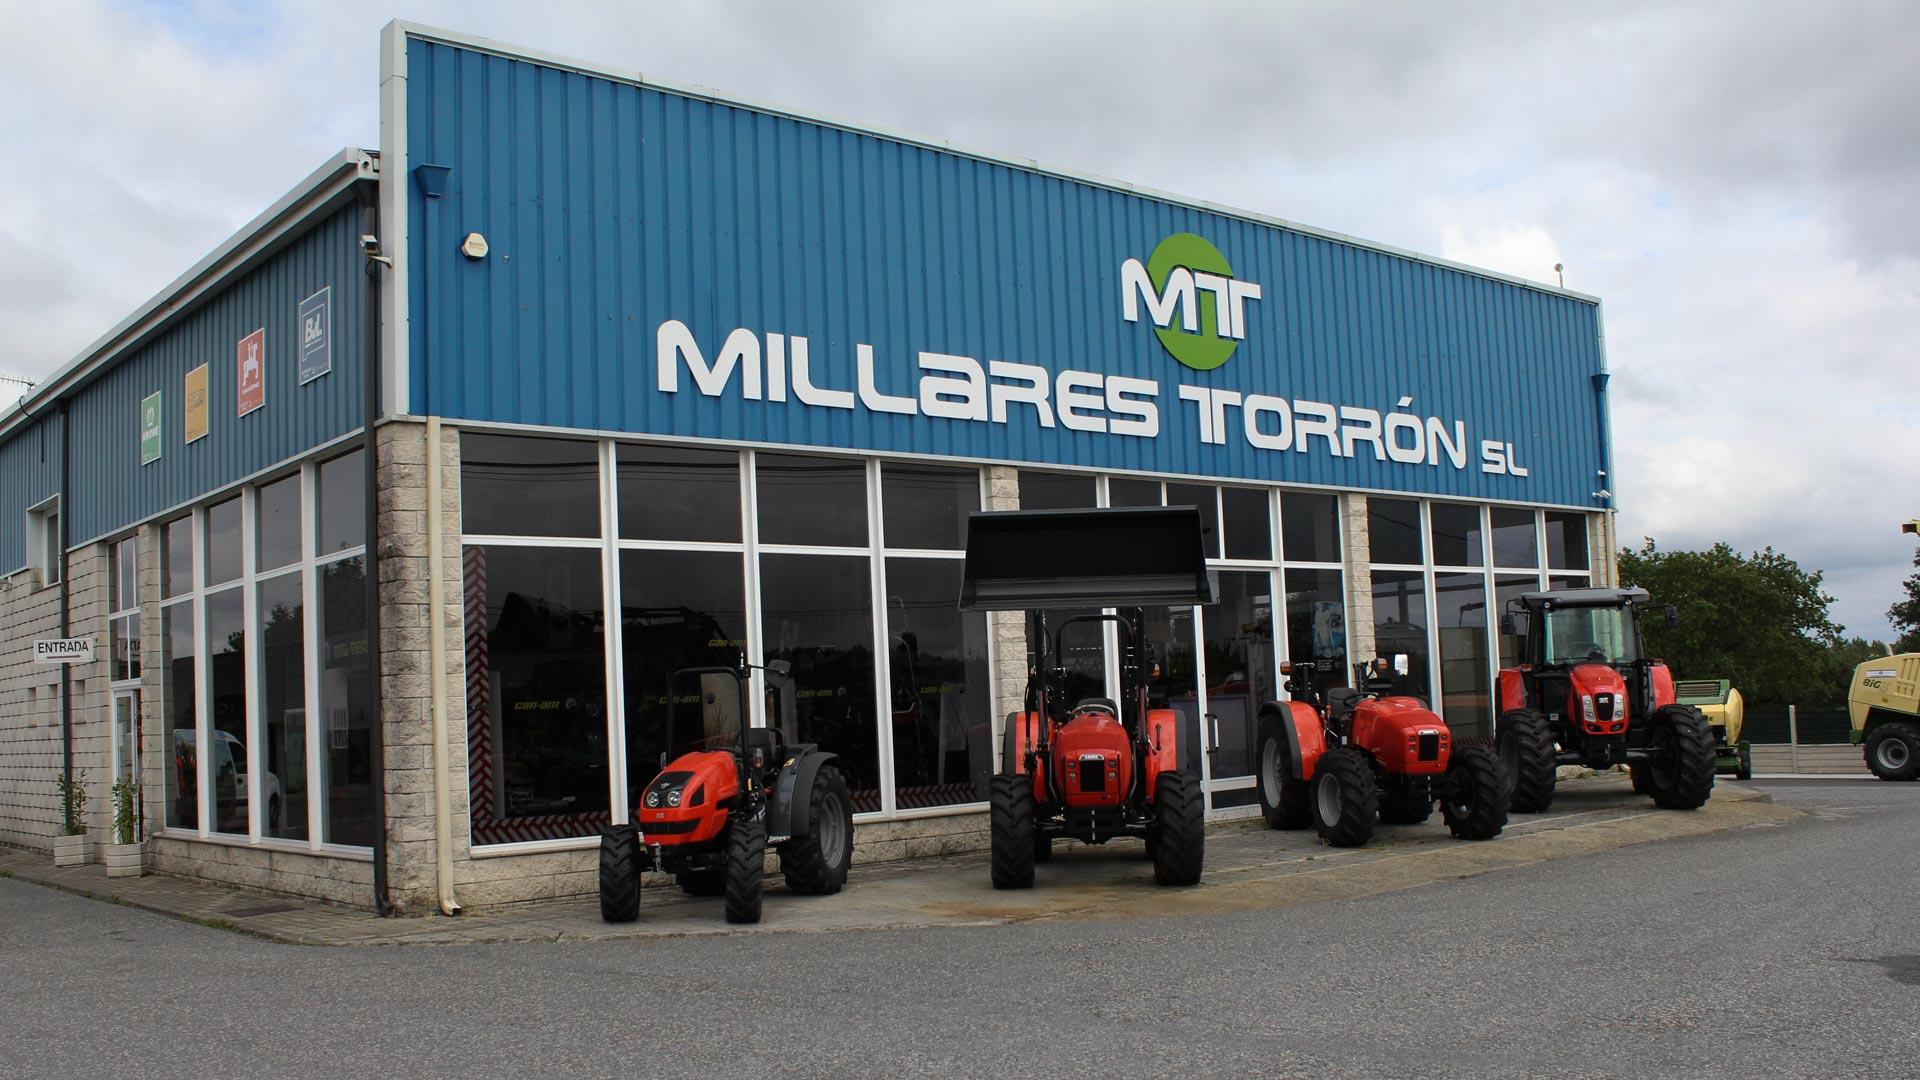 millares-torron-slide3